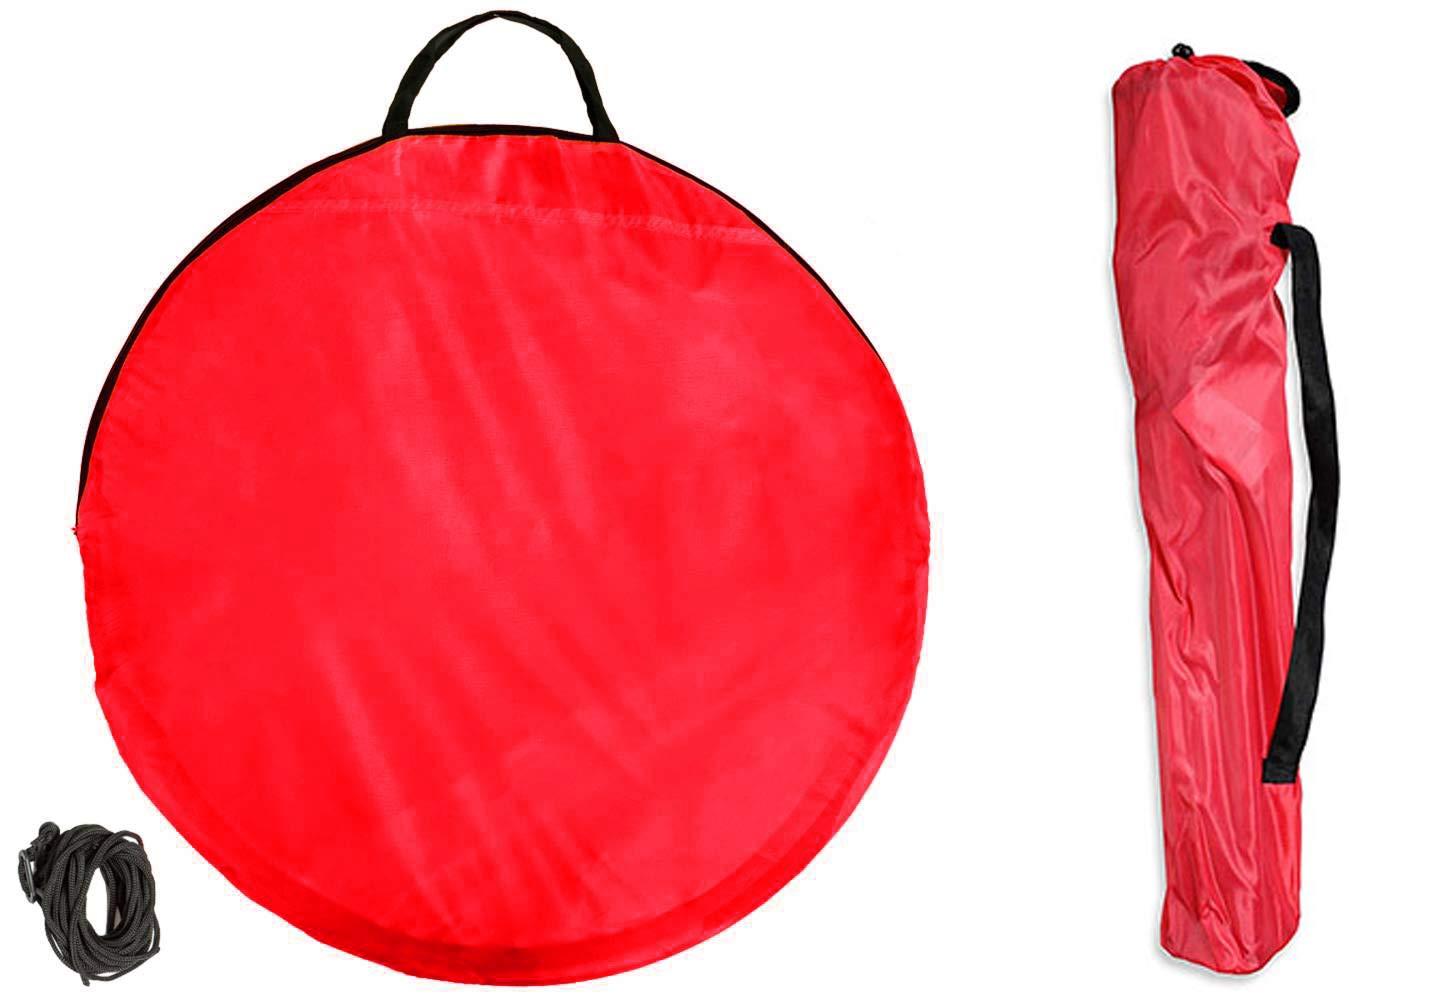 Plage Jardin Sac Portable et l/éger Rouge Parapluie en m/étal avec accoudoirs takestop/® Chaise Pliante avec Pare-Soleil pour Camping Porte-gobelet